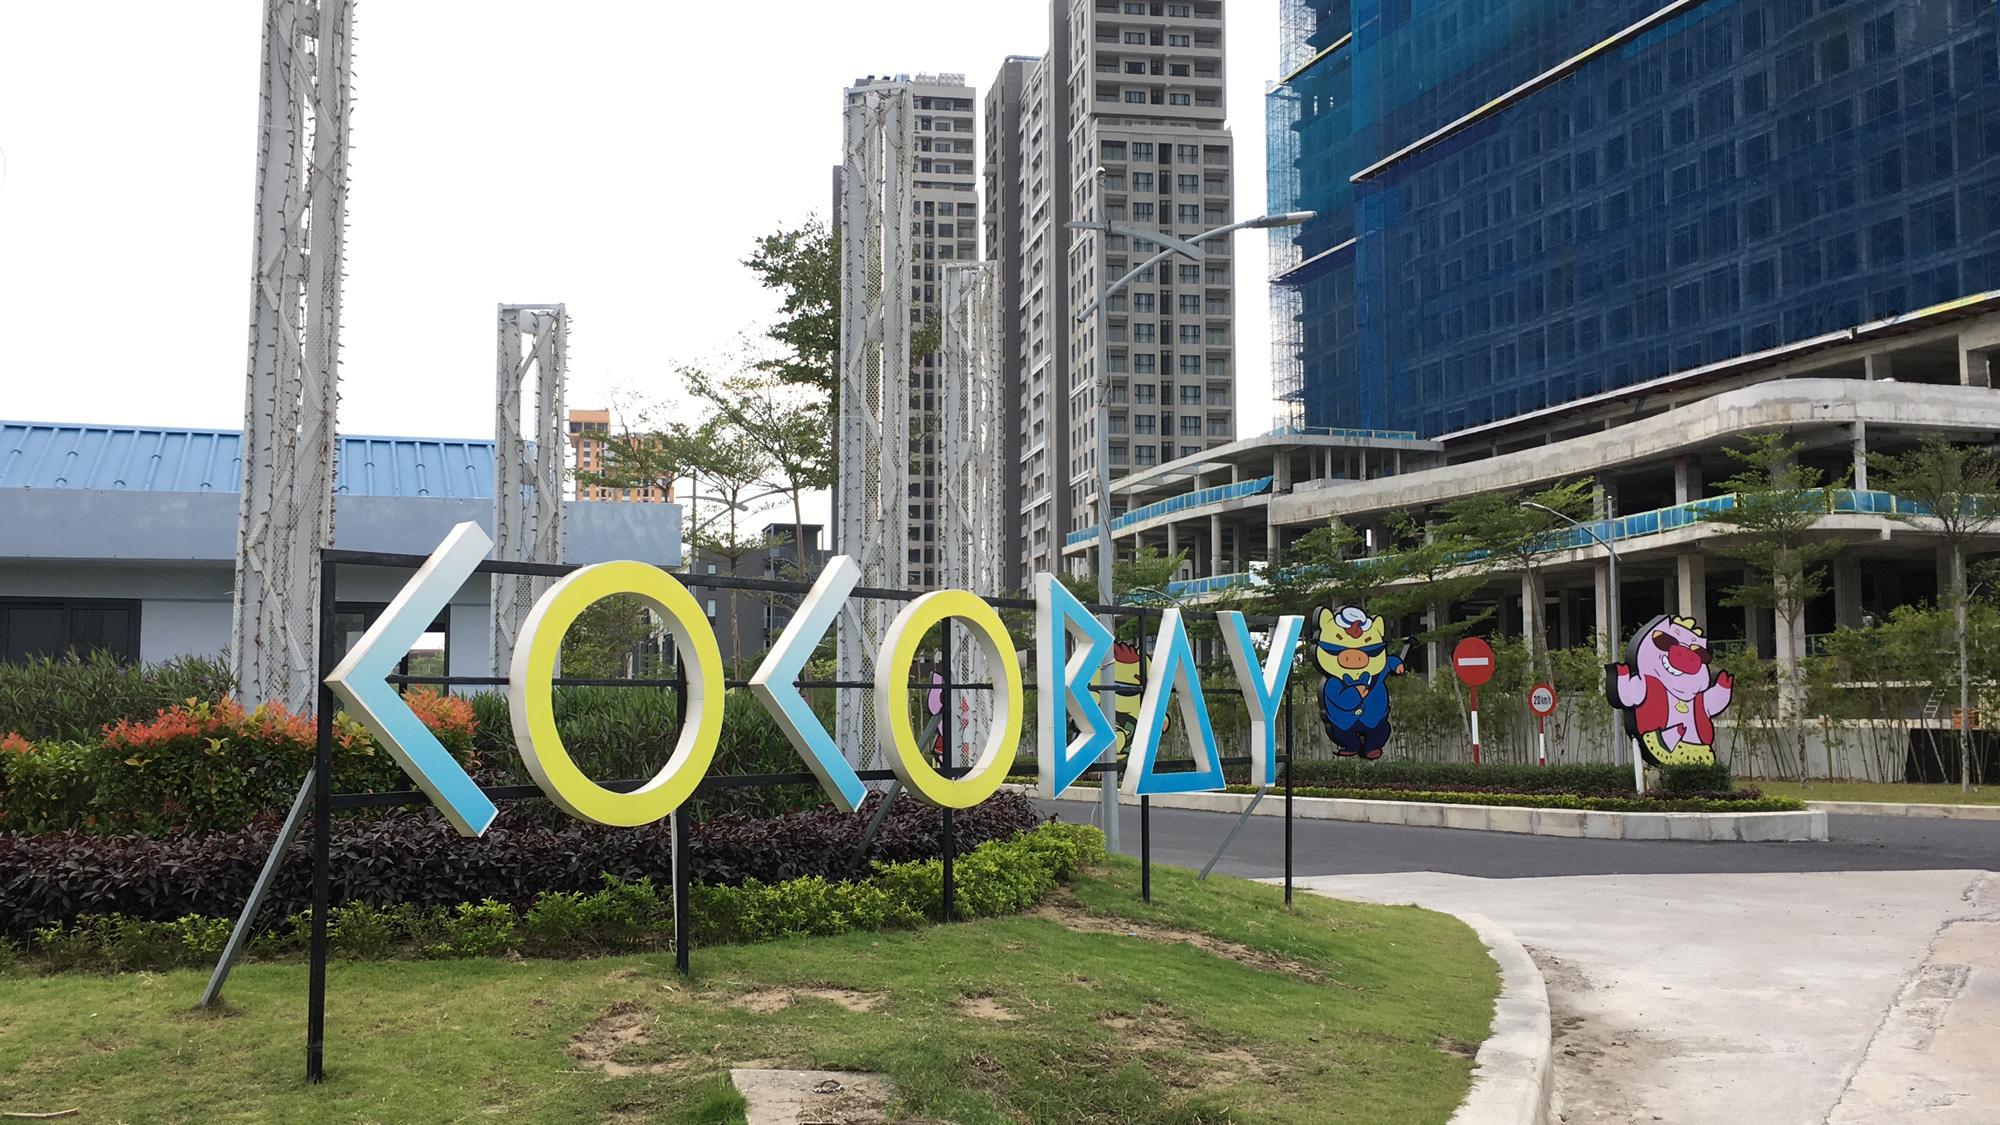 Chủ đầu tư Cocobay sẽ sớm hủy hợp đồng mua bán nếu khách hàng không chọn giải pháp được đề xuất - Ảnh 1